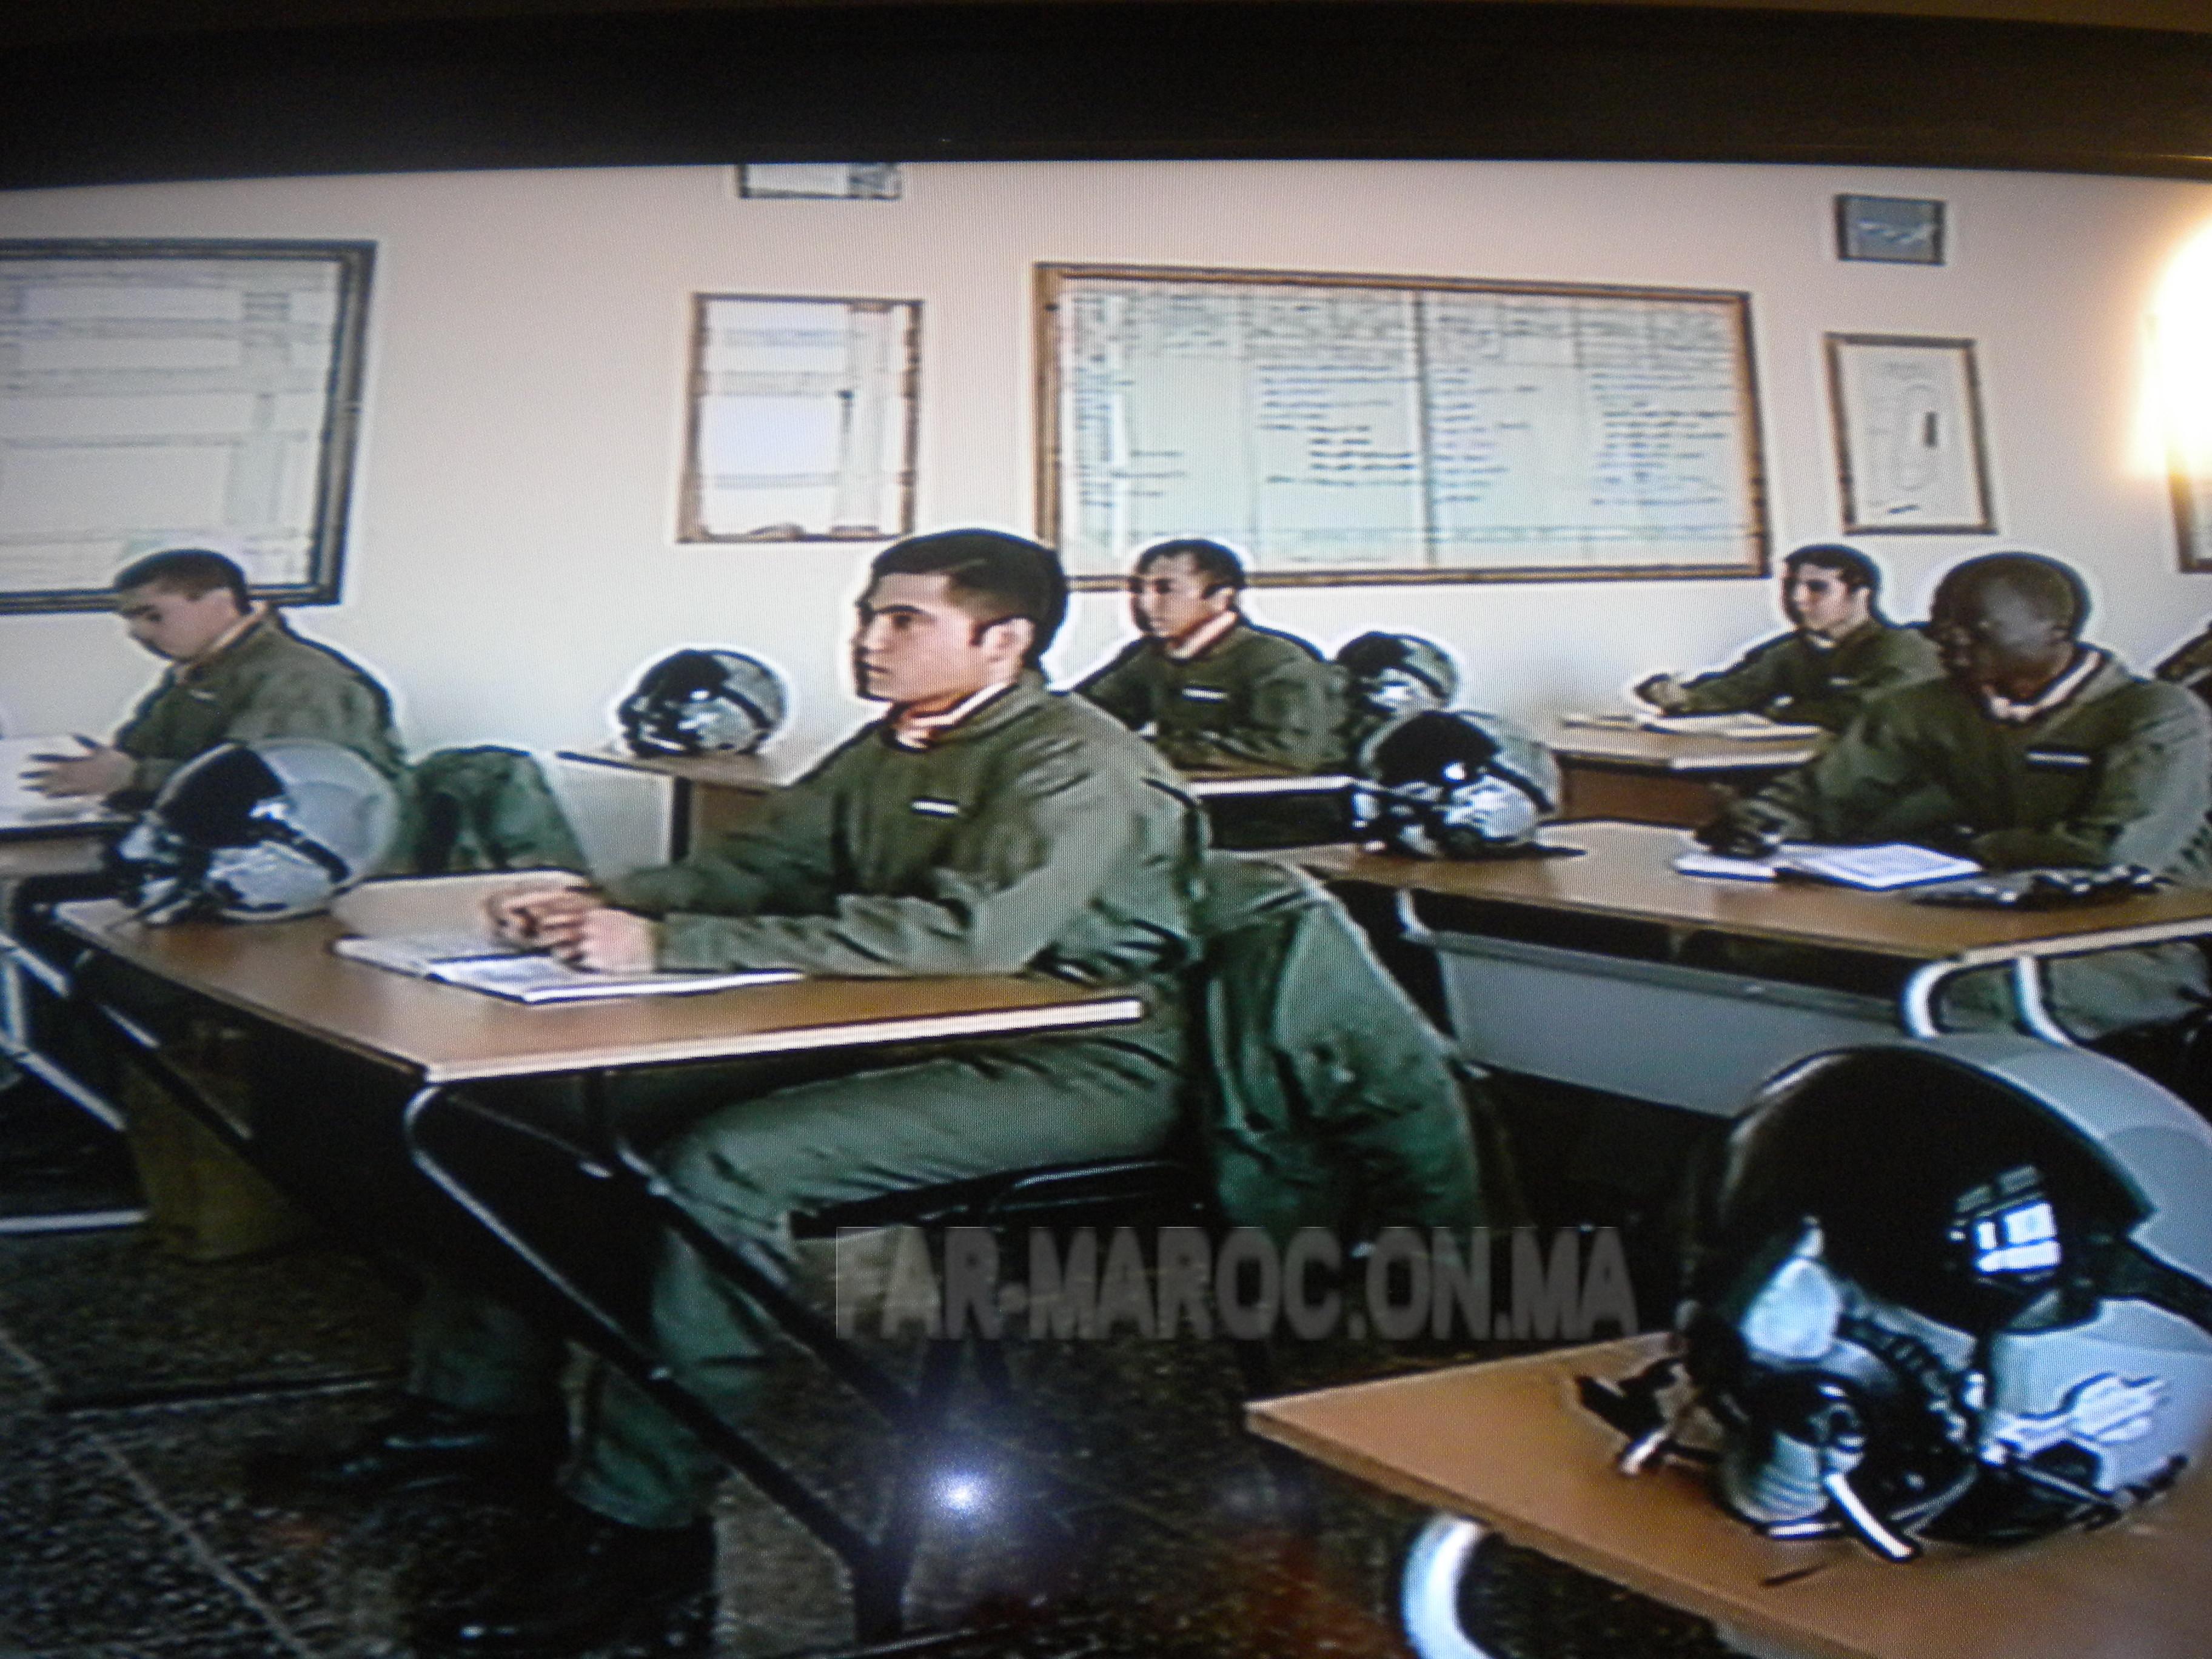 Les FRA écoles pour les élèves pilotes africains 305600AFRICAIN2